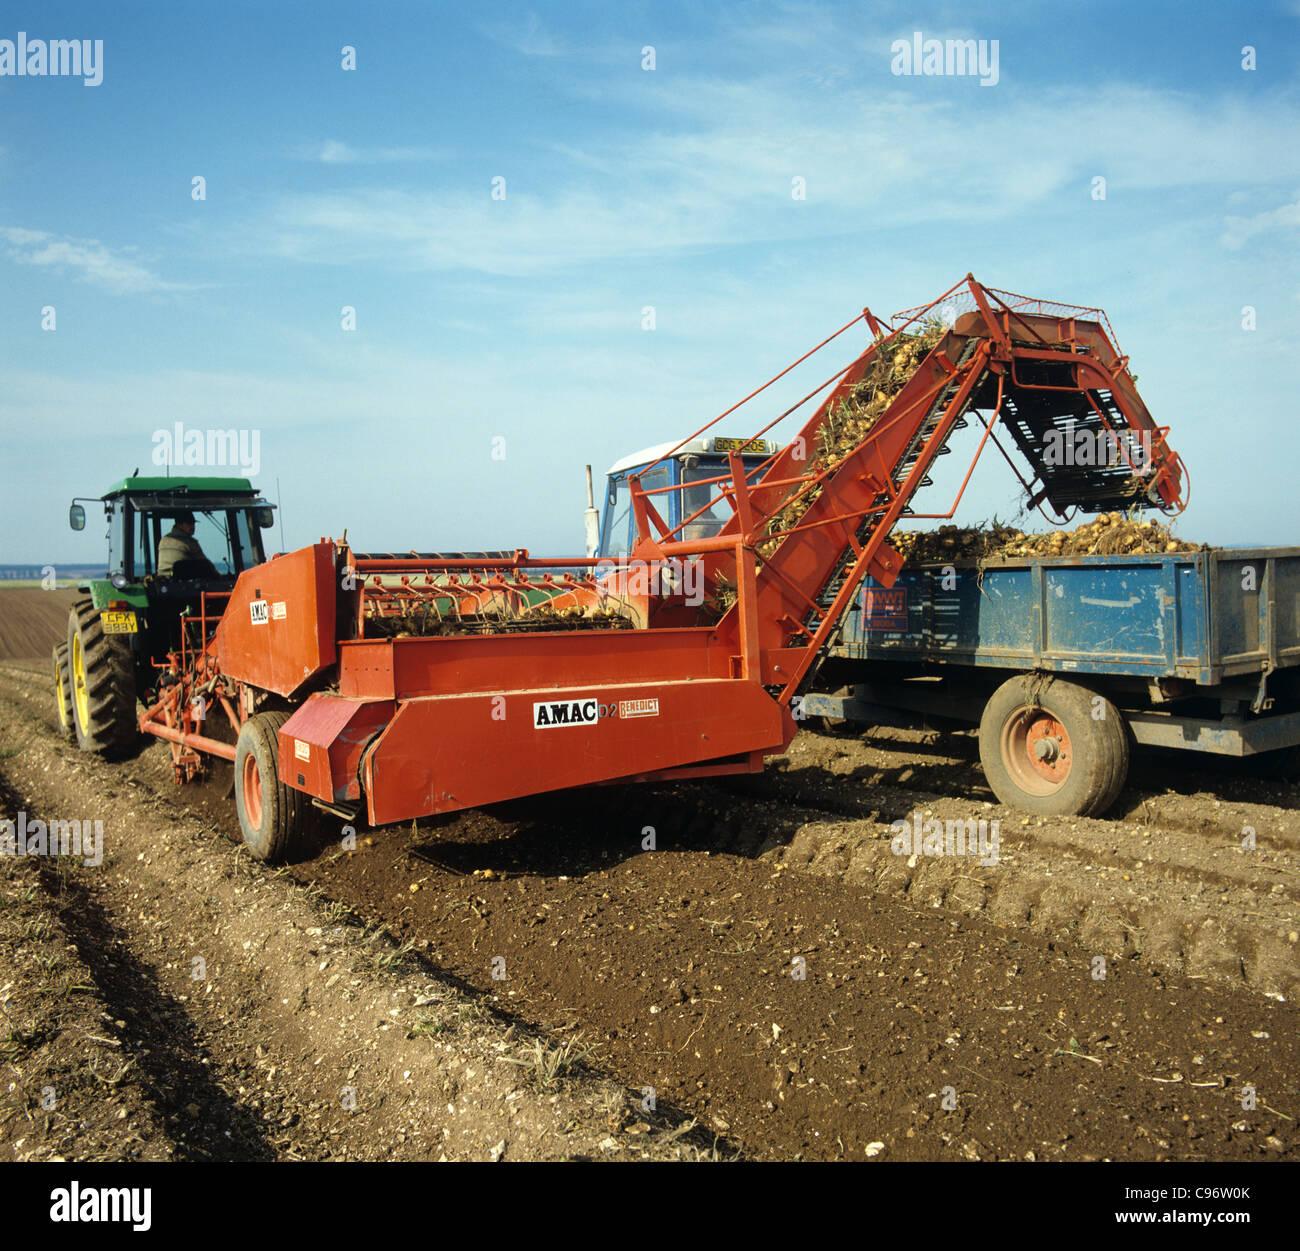 Tracteur John Deere & AMAC ascenseur surmontée de récolte récolte de pommes de terre Photo Stock